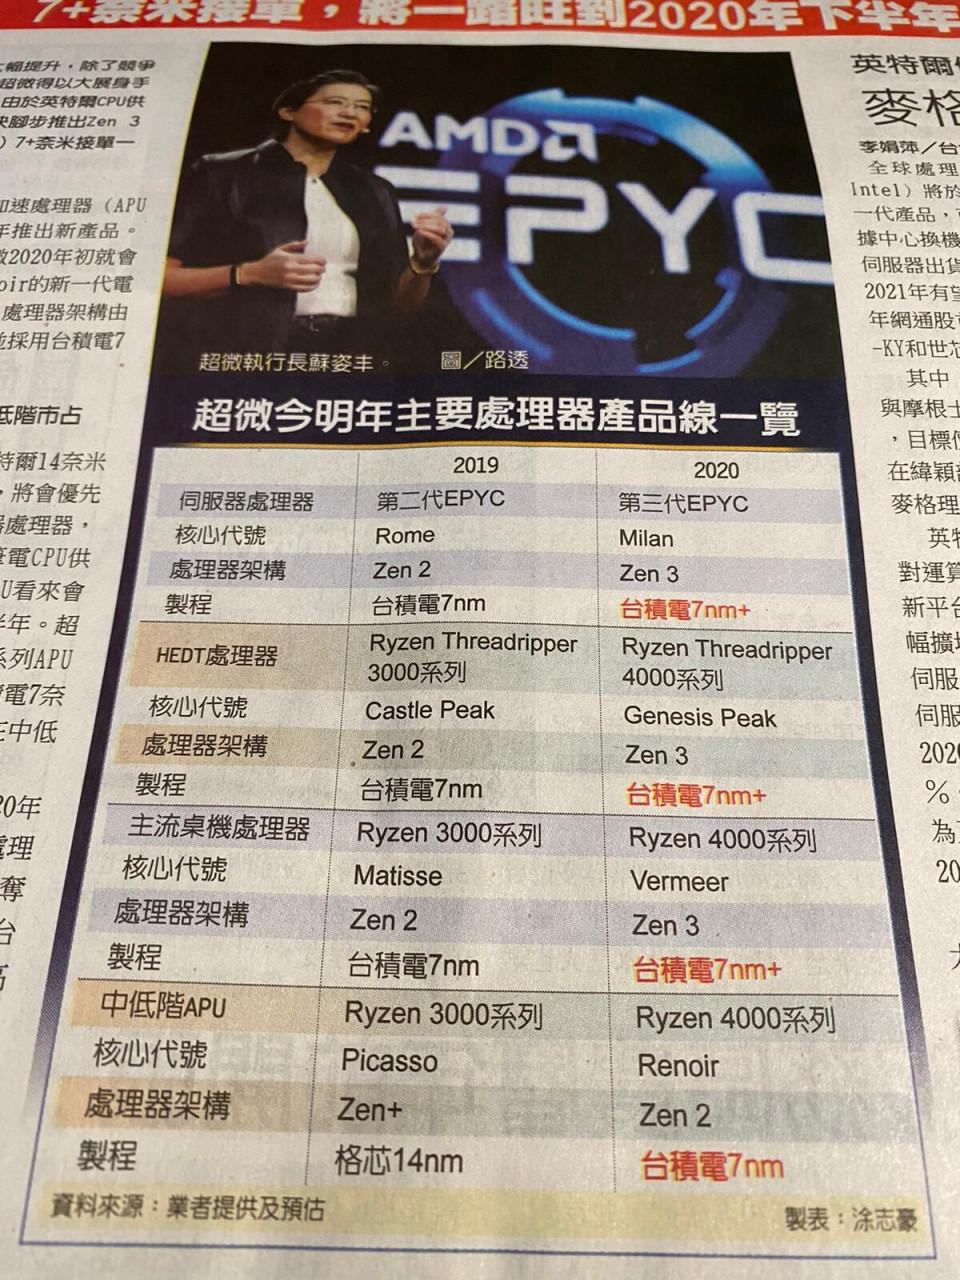 2020'de Zen 3 mimarili yeni AMD işlemciler gelecek.